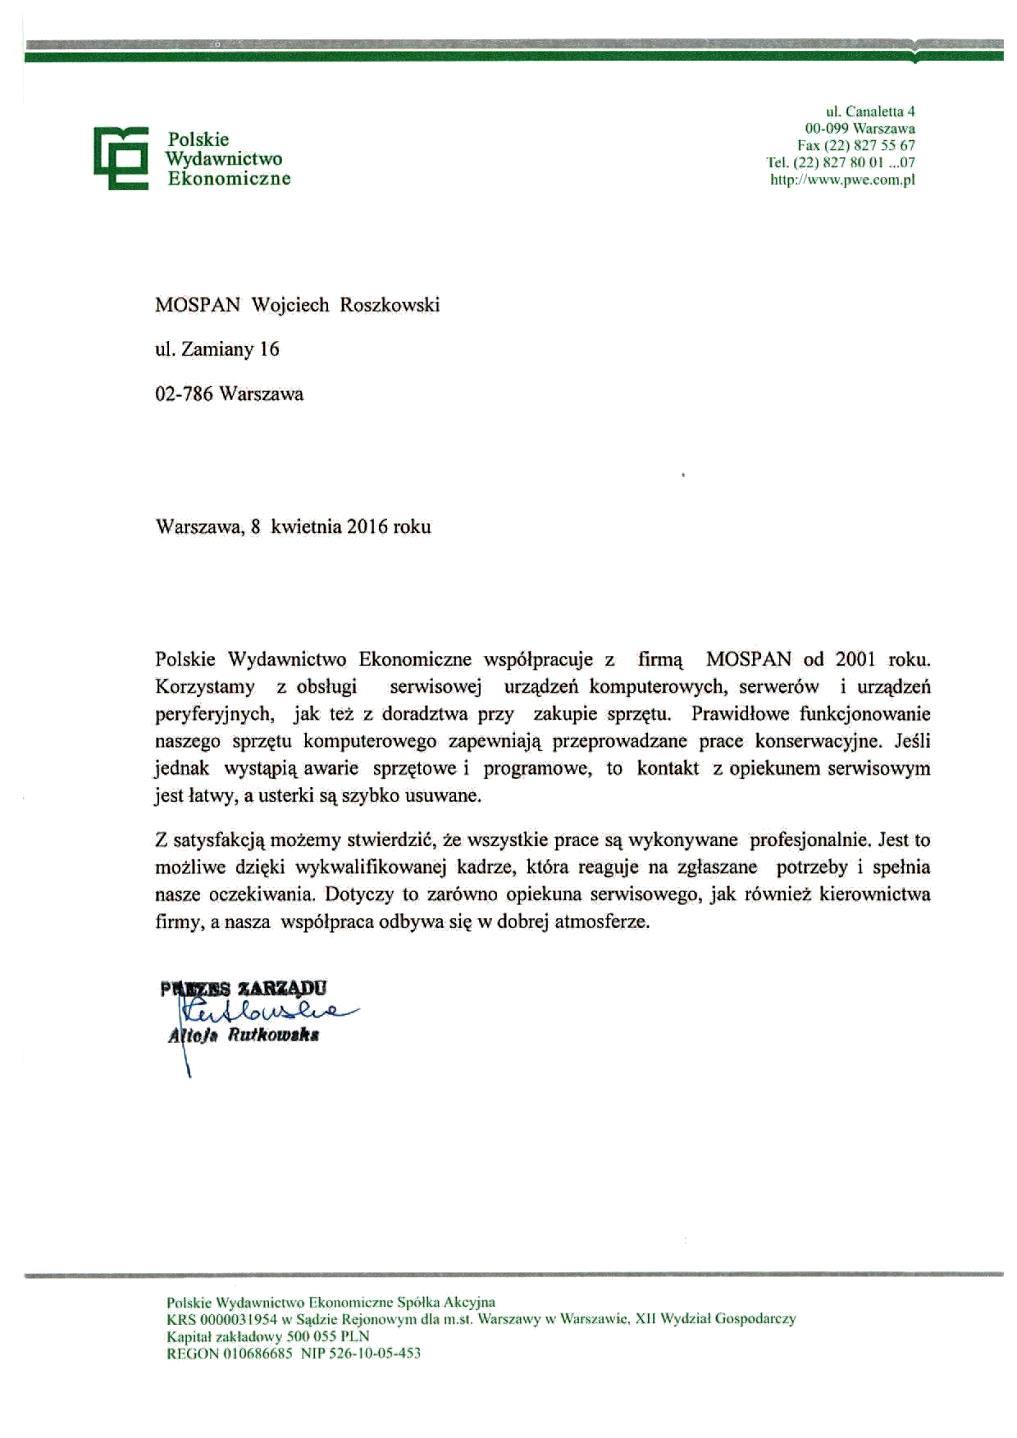 Polskie Wydawnictwo Ekonomiczne S.A.